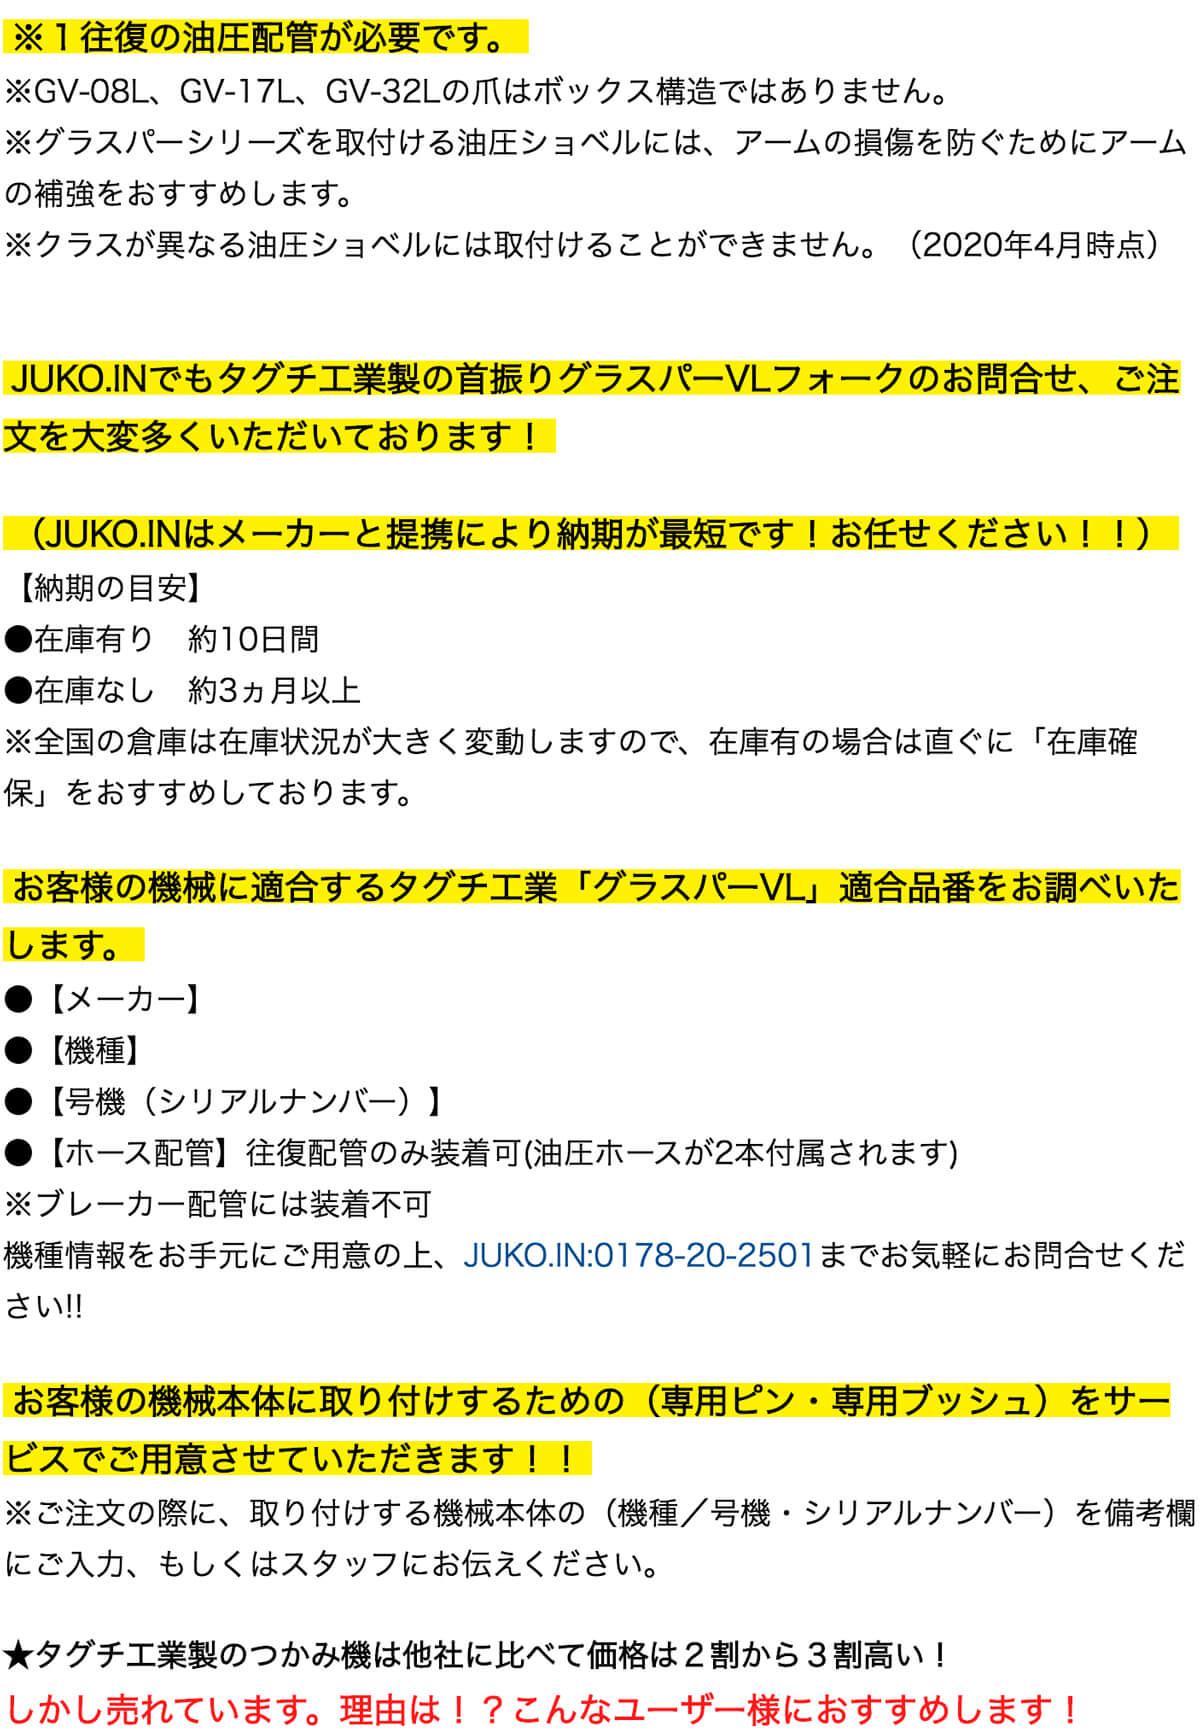 グラスパーVLシリーズ説明2